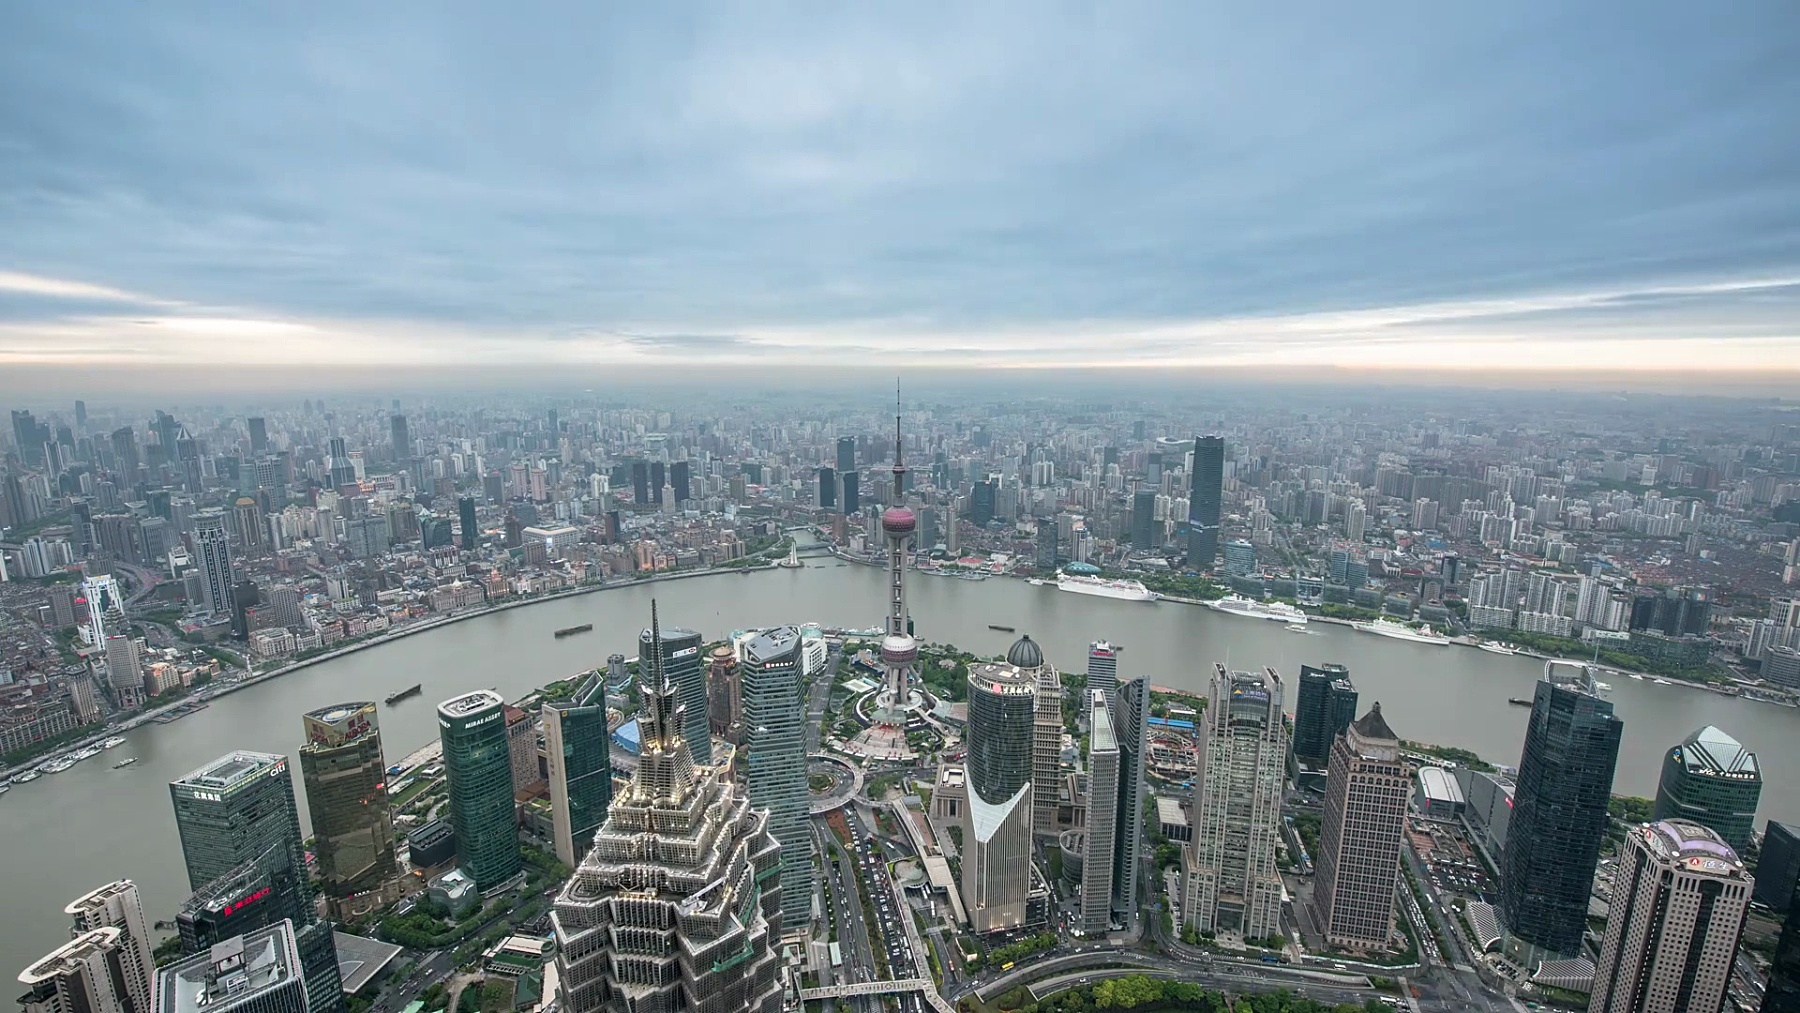 上海城市风光之夜, ,延时摄影